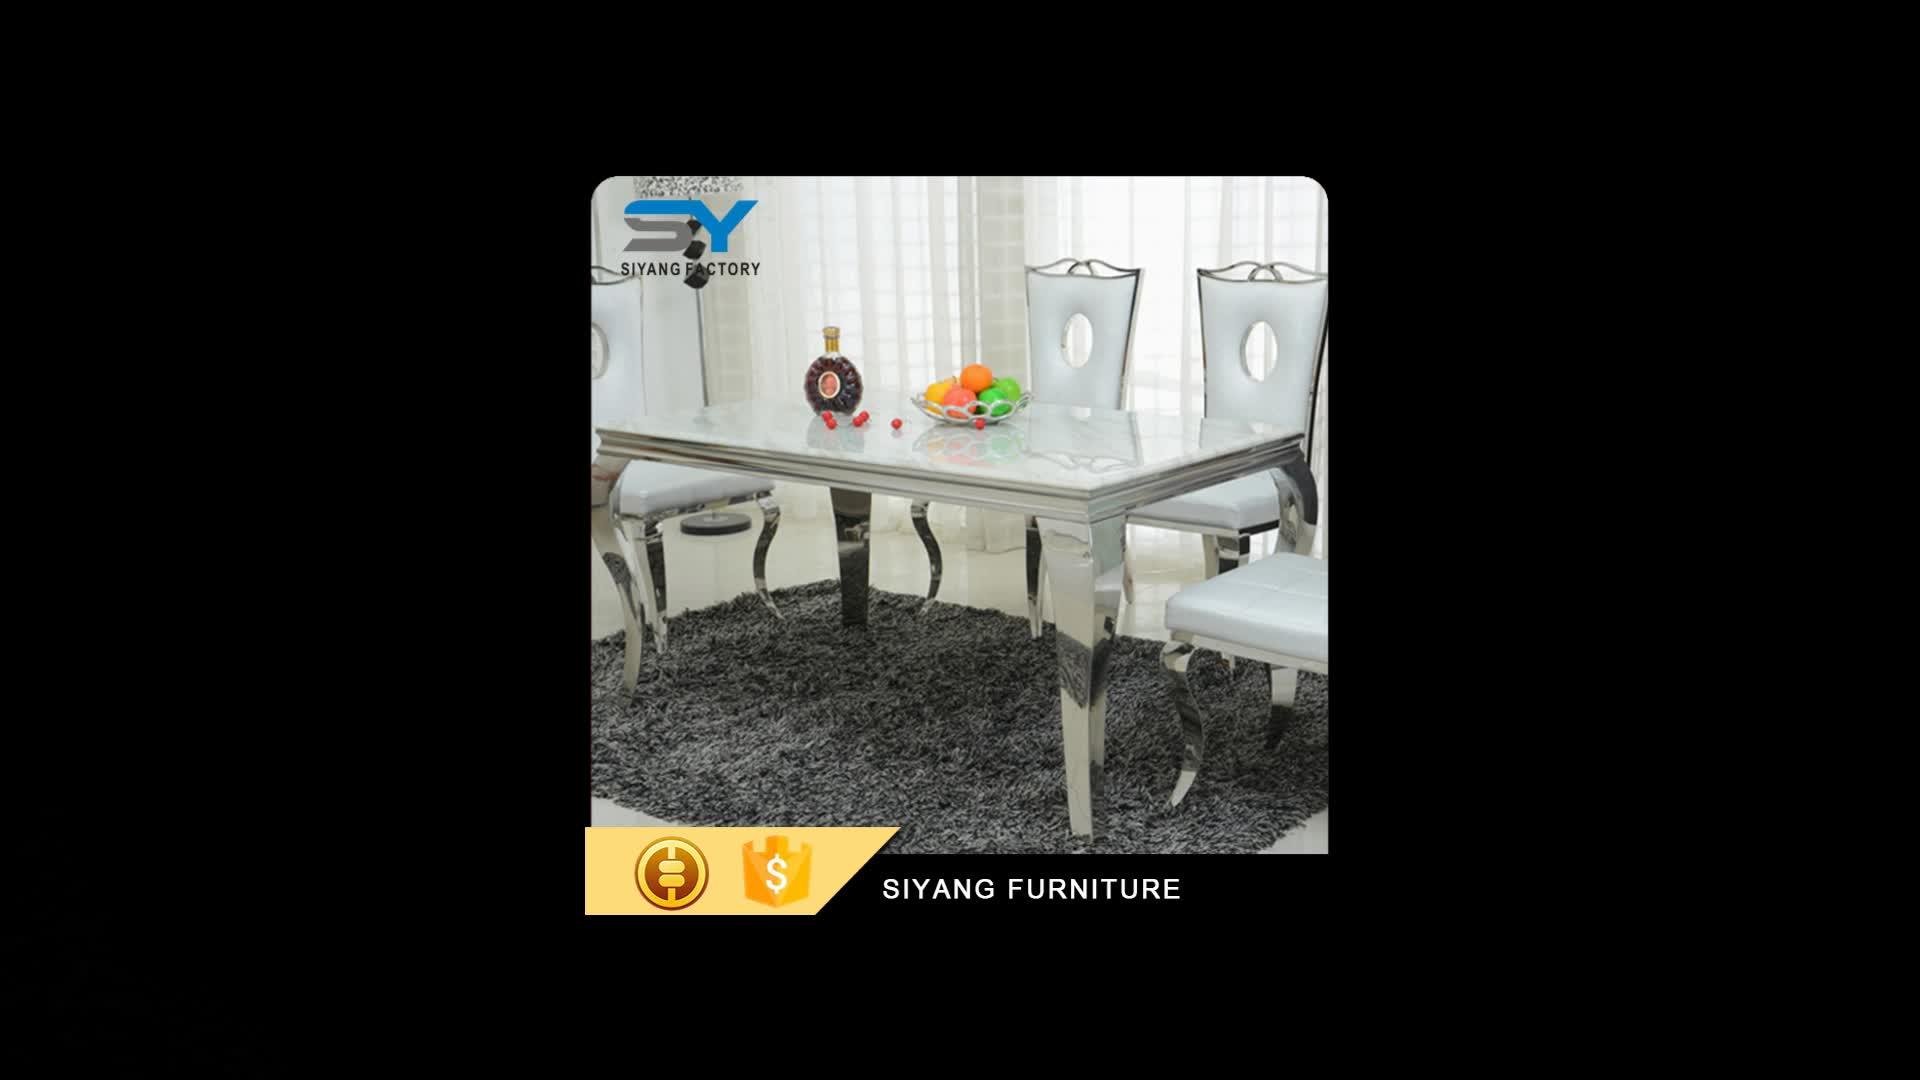 Foshan फर्नीचर कारखाने ग्लास टेबल शीर्ष खाने की मेज सेट के साथ 6 कुर्सियों CT003